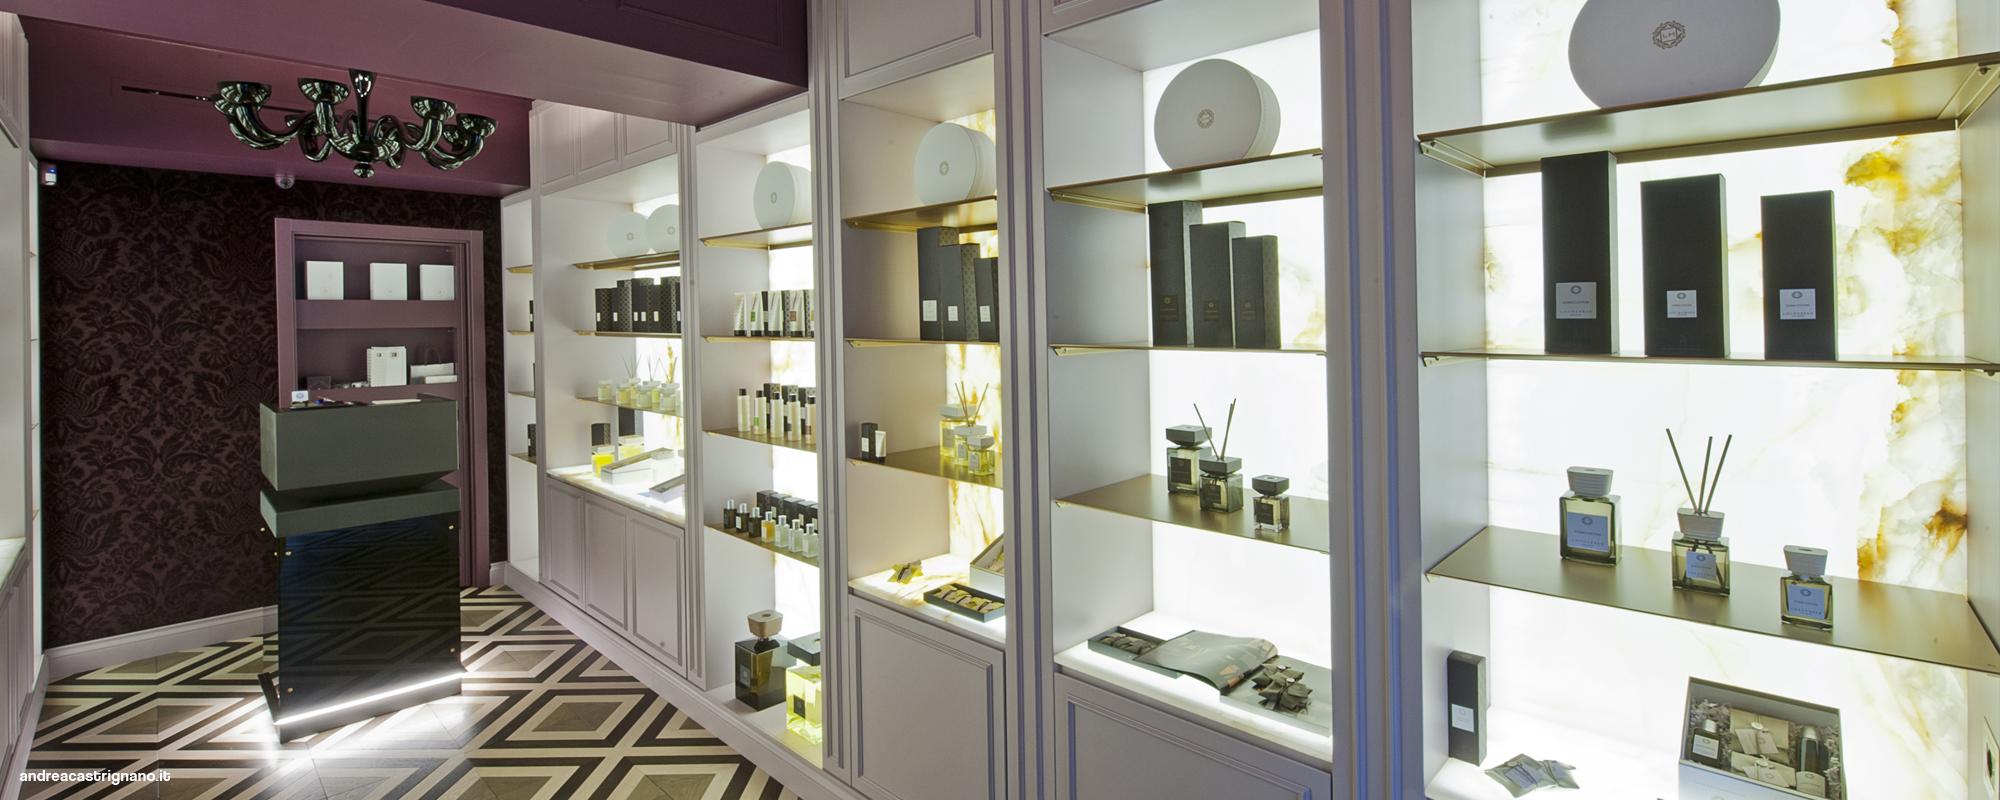 Il nuovo negozio locherber a milano andrea castrignano for Milano shop